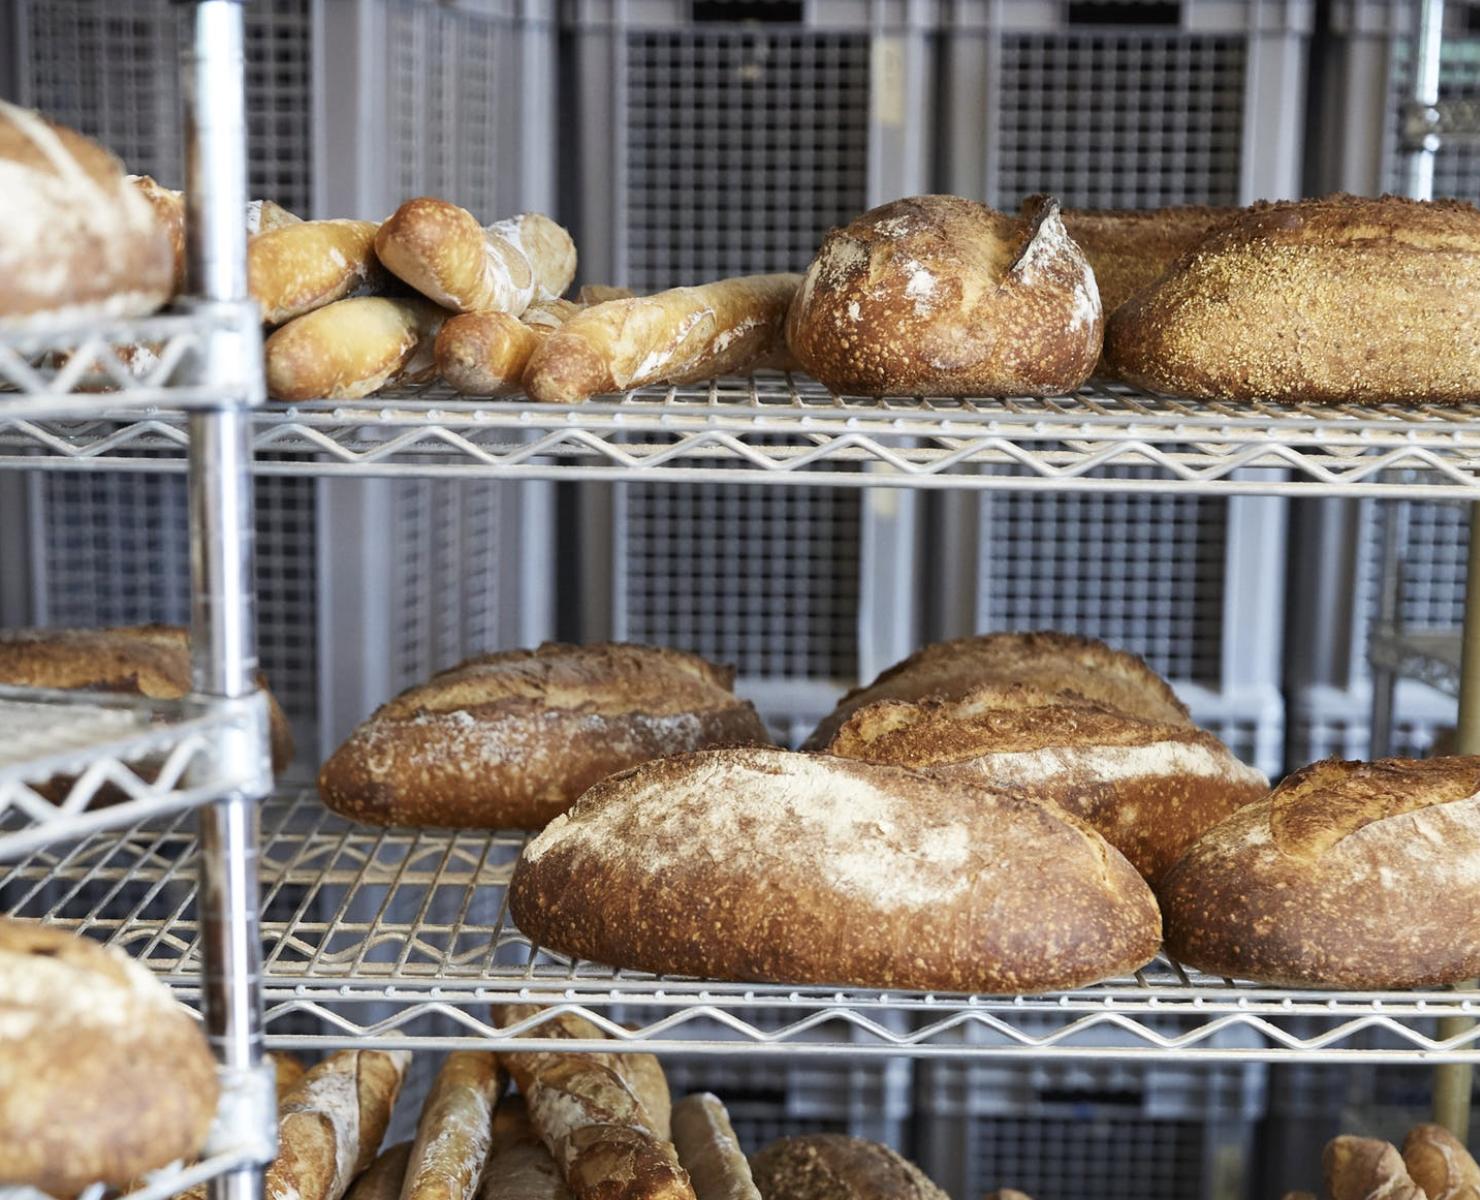 Bread Racks.jpeg